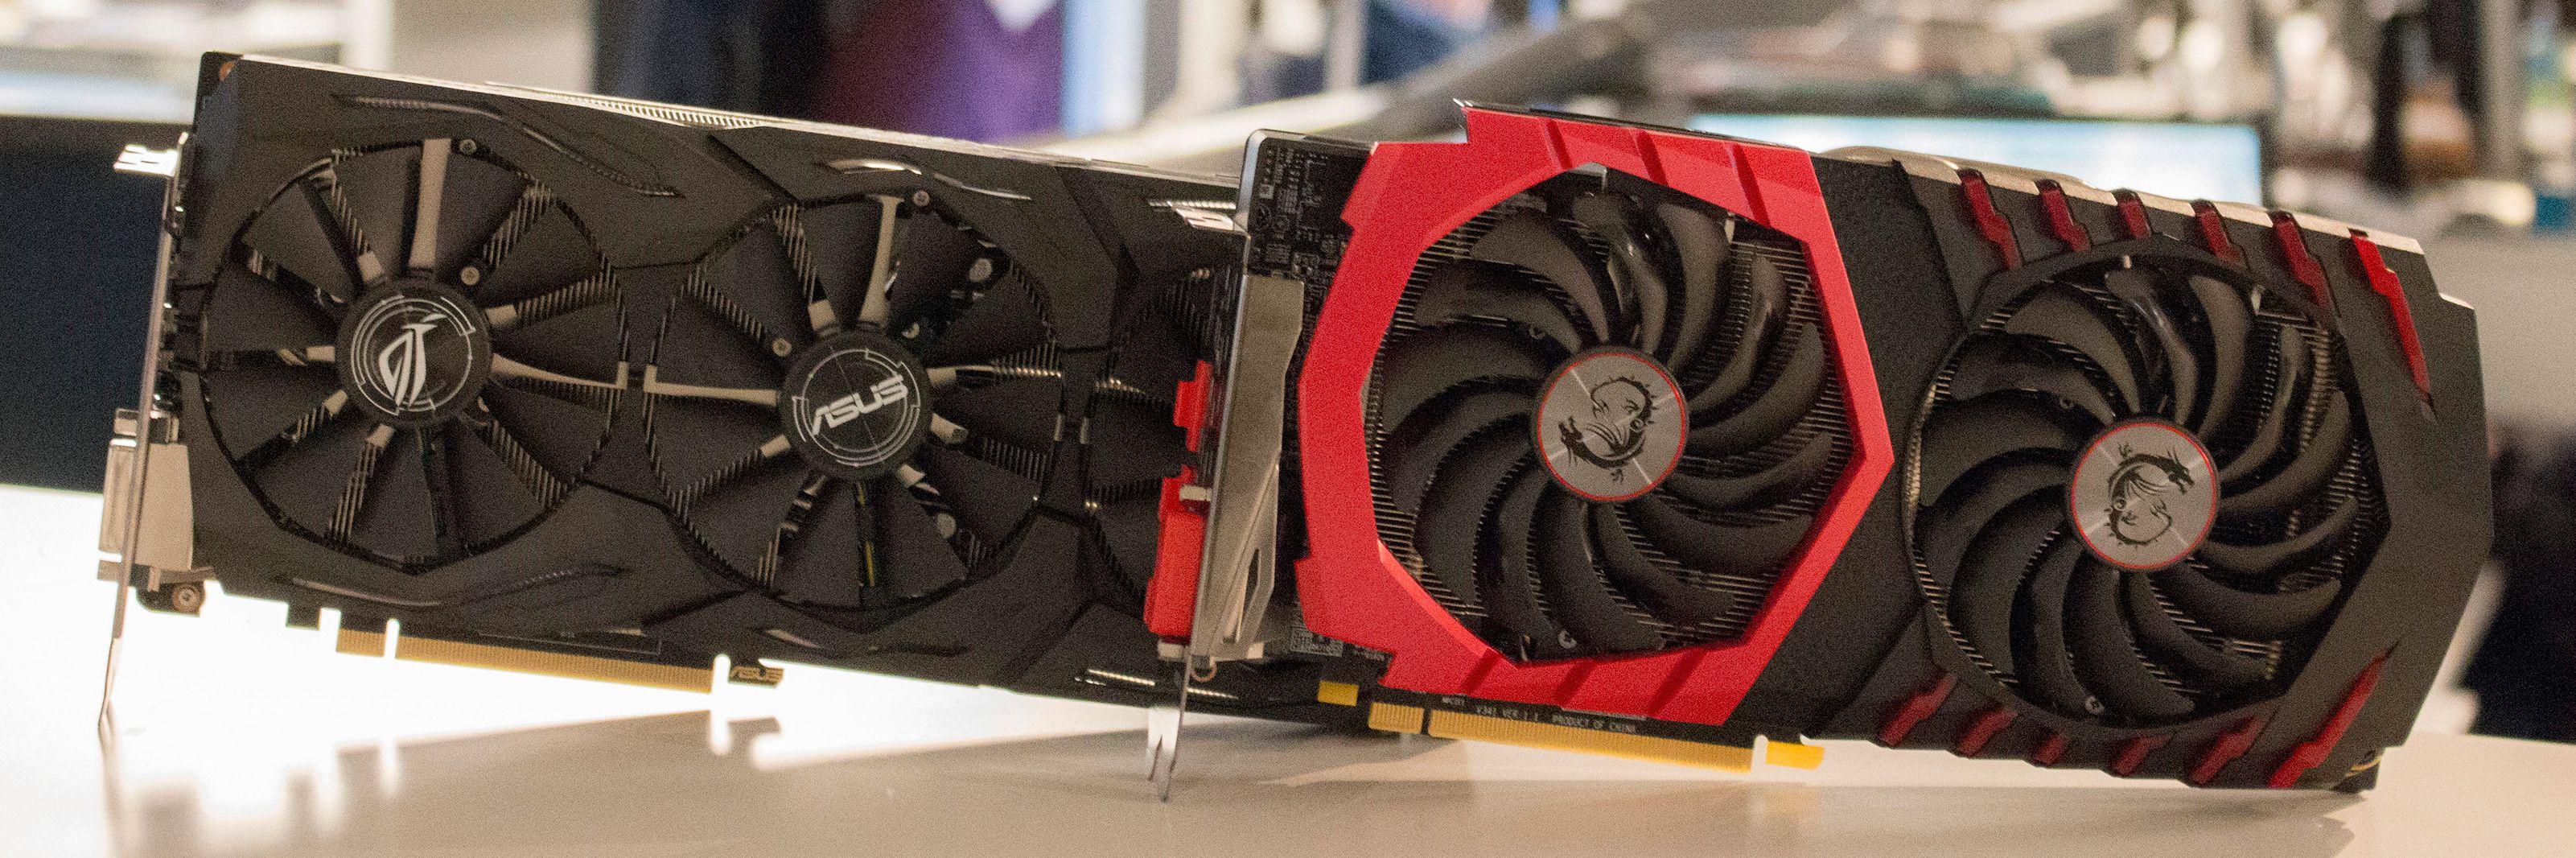 Hvilket av de to mellomklassekortene Asus GTX 1060 Strix OC og MSI RX 480 Gaming X bør du investere i?